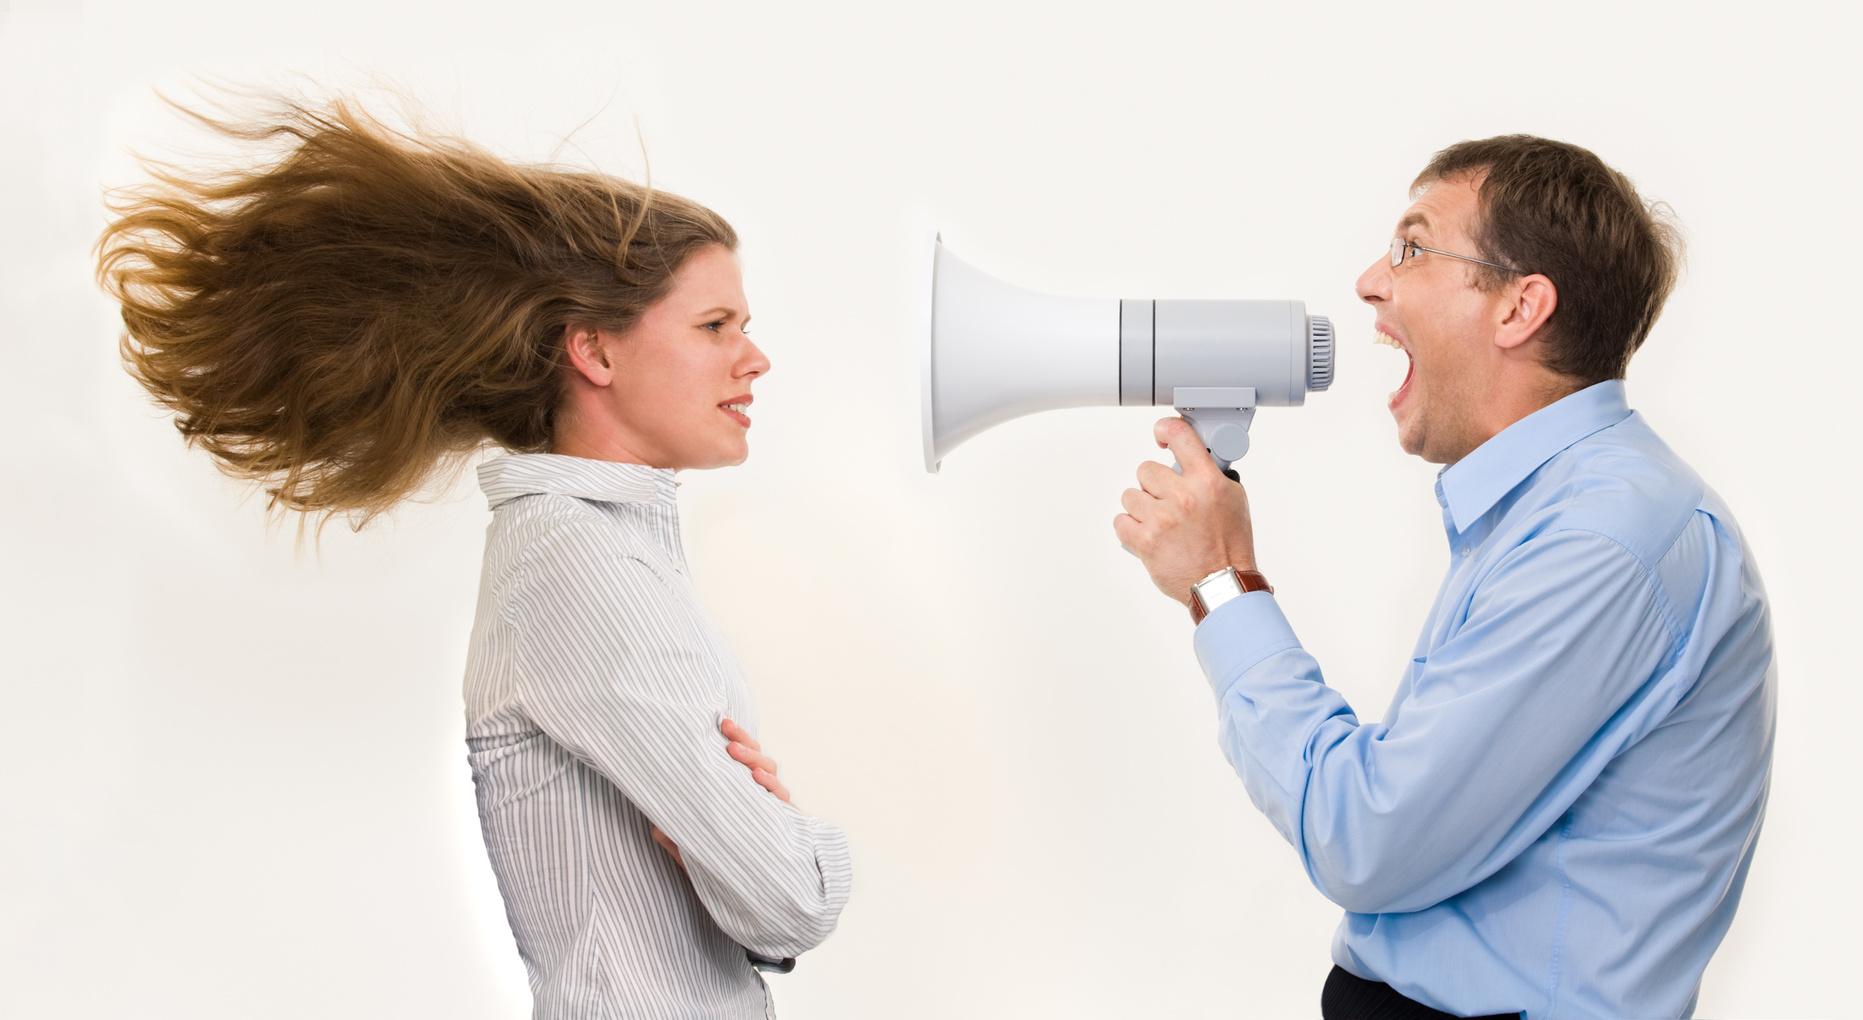 Streit führt zur Trennung in Partnerschaften